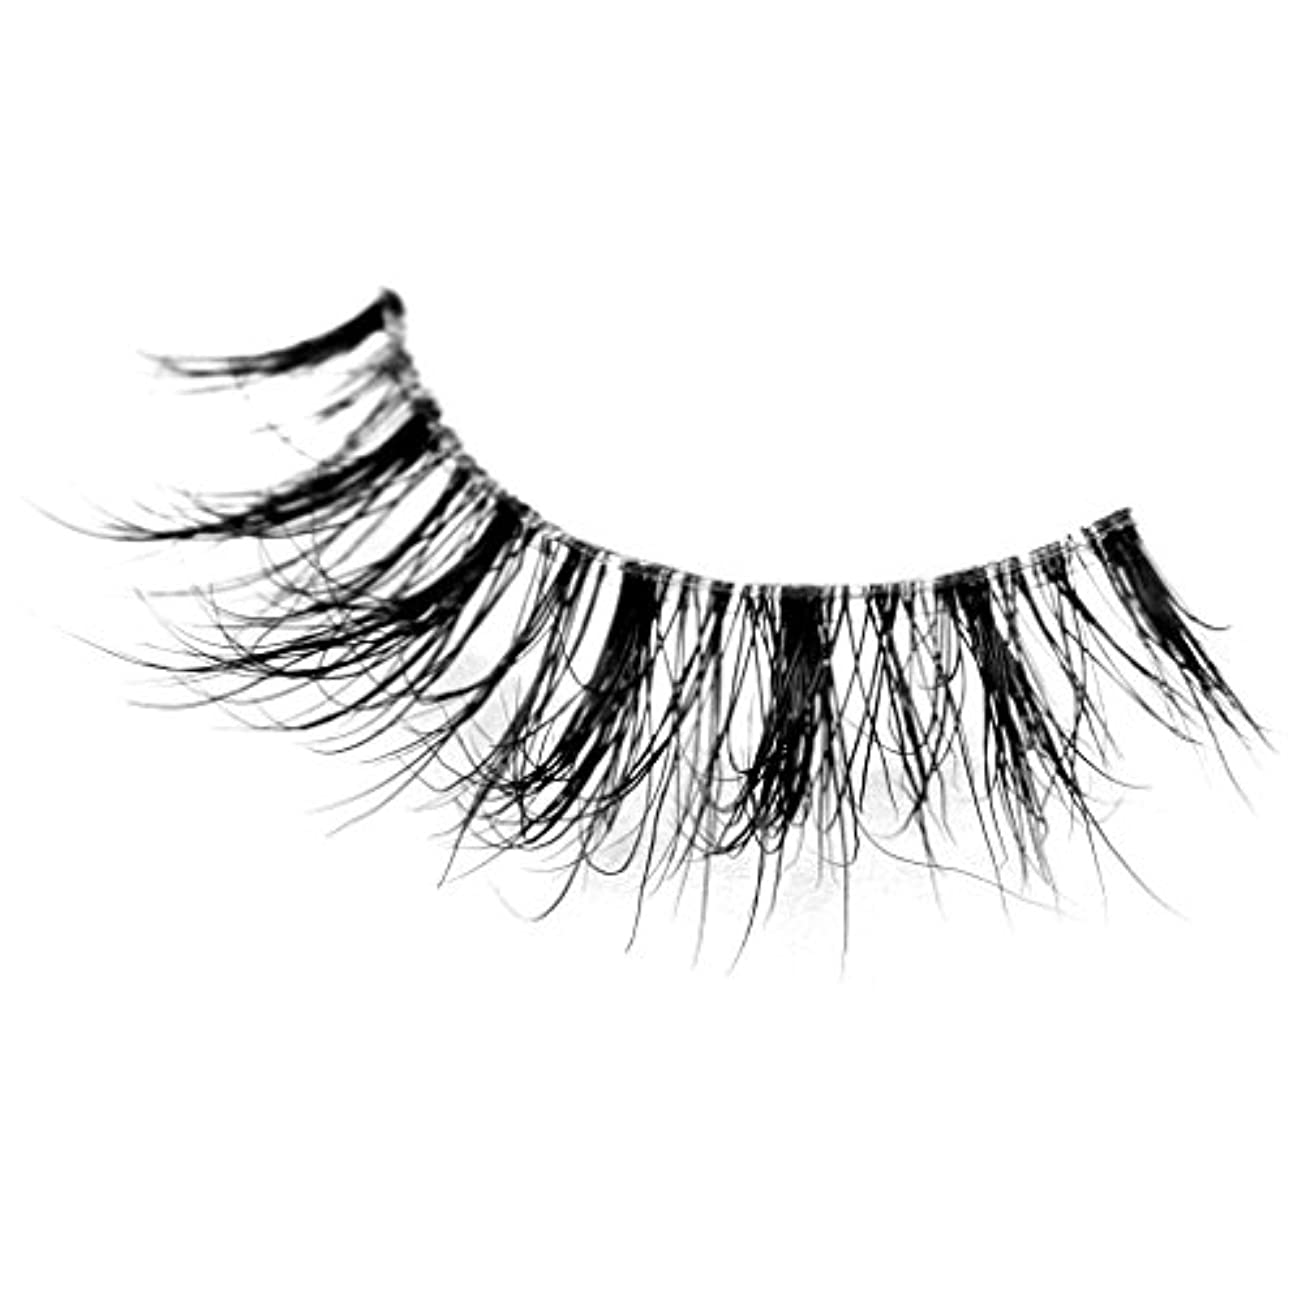 復活含める使用法Musegetes Handmade 3D Mink False Eyelashes Natural for Makeup, Reusable with Clear Invisible Flexible Band 1 Pair...